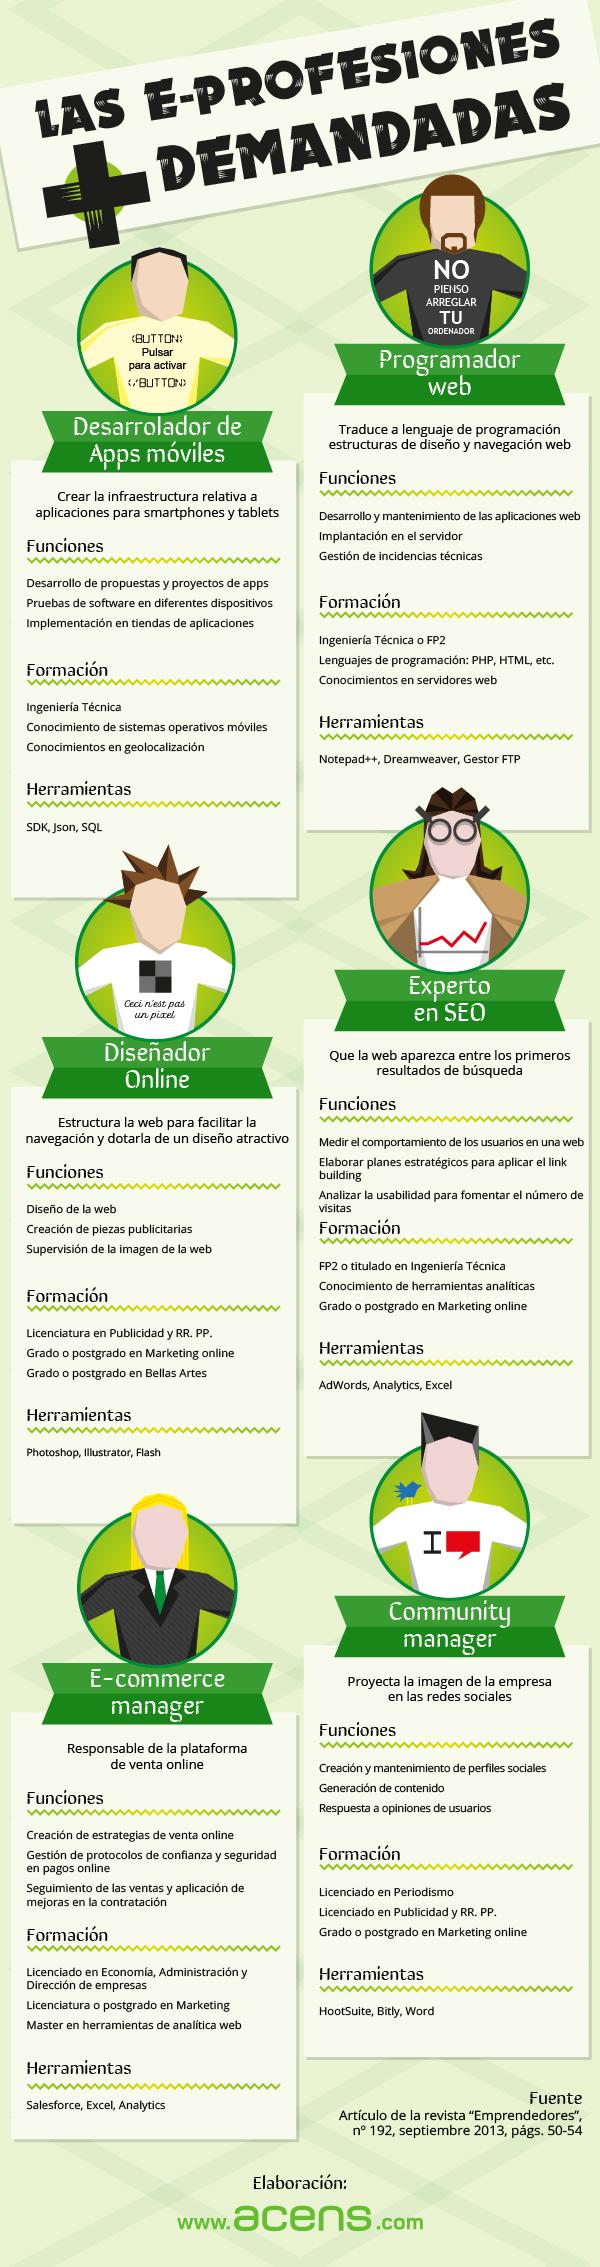 Infografía Las e-profesiones más demandadas